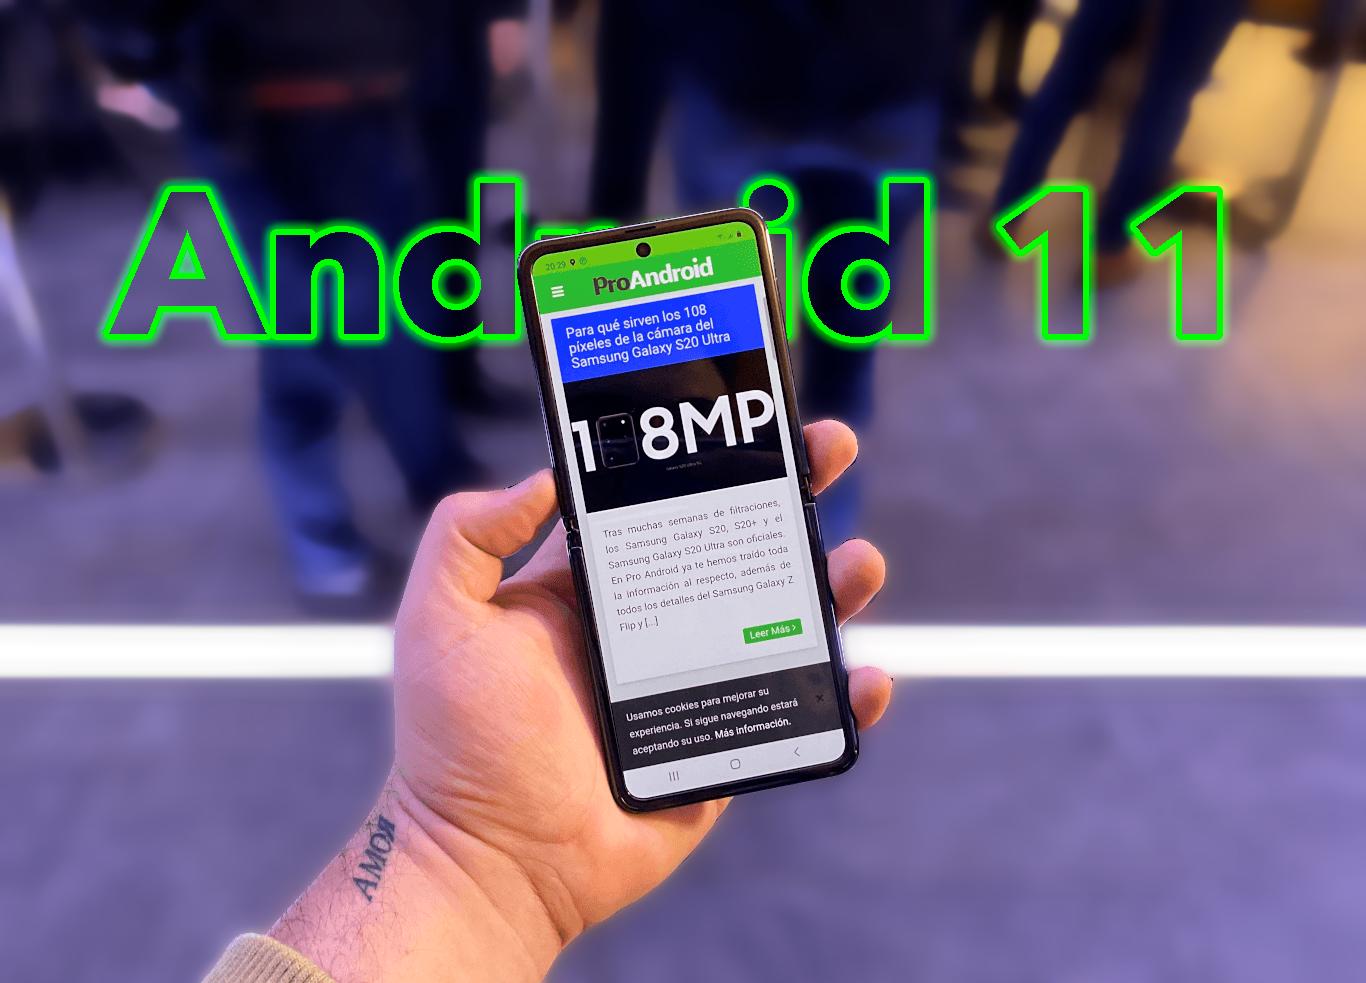 Estas novedades llegarán a tu móvil Samsung con Android 11 y One UI 3.0: interfaz, notificaciones, funciones…, Cloud Pocket 365